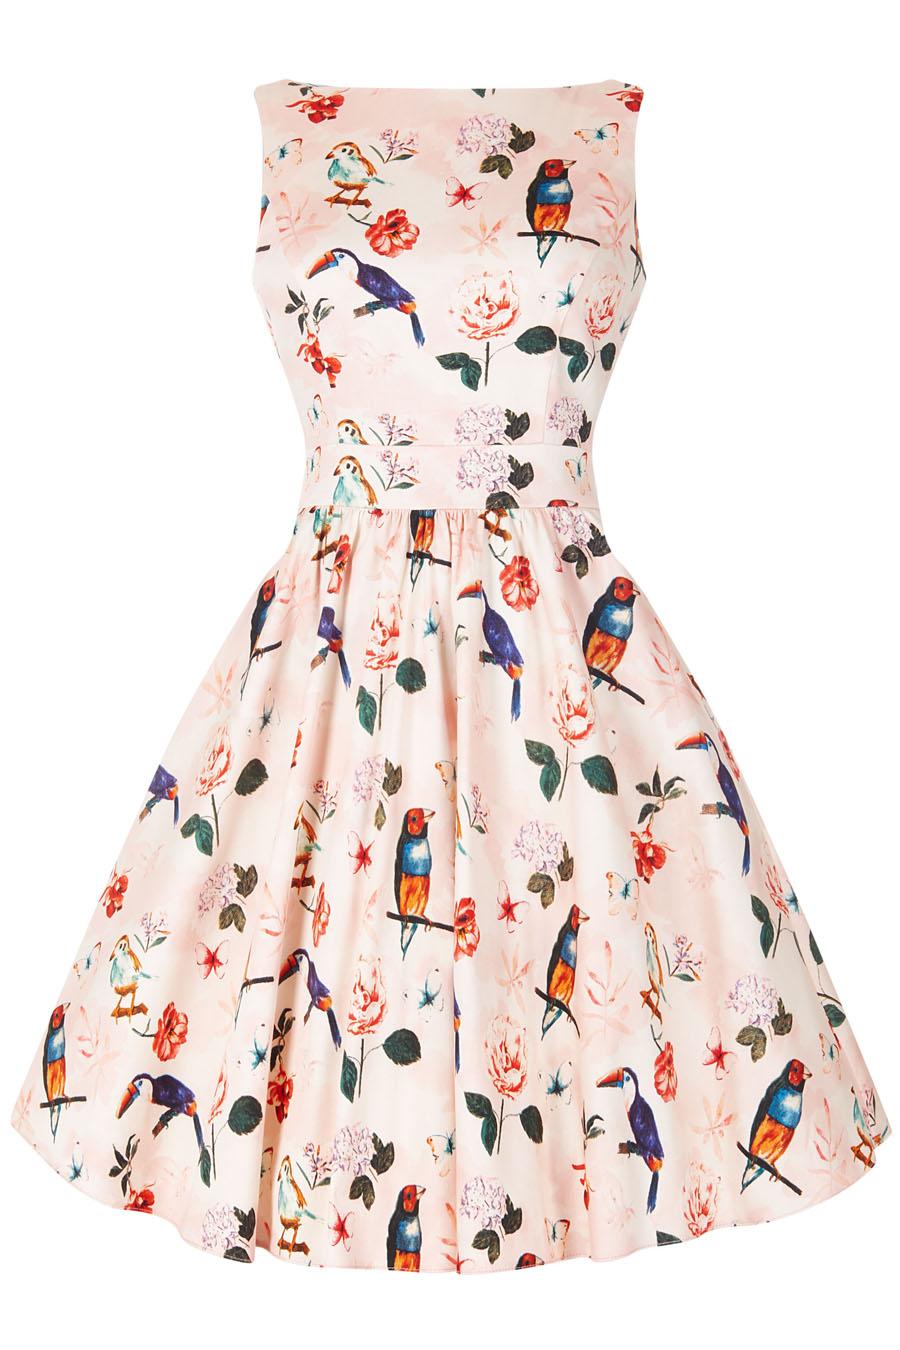 Světle růžové šaty s motivem papoušků Lady V London Tea Lady V ... 3c30ae95e3